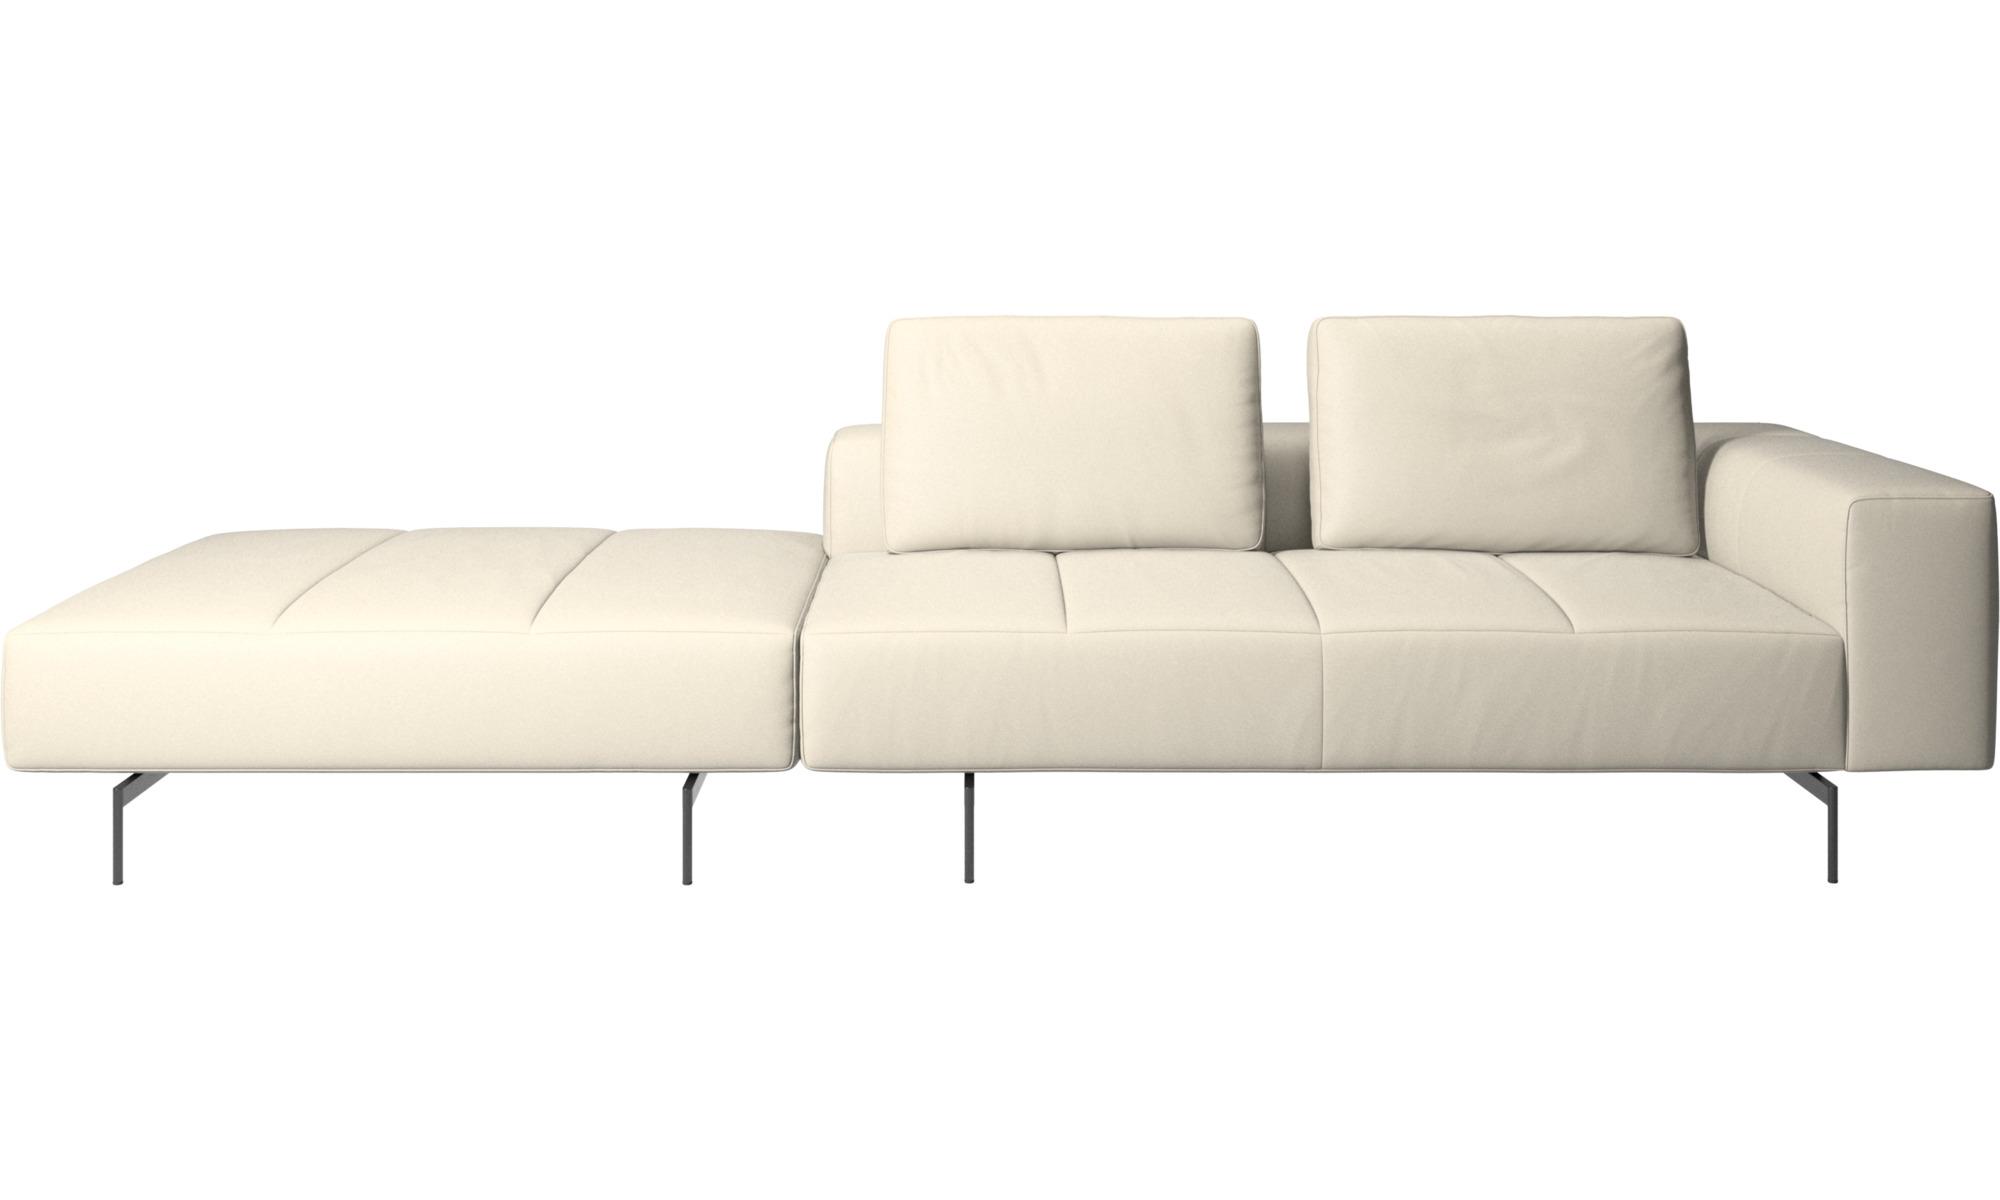 Canapés modulaires - Canapé Amsterdam avec pouf sur la gauche - Blanc - Cuir